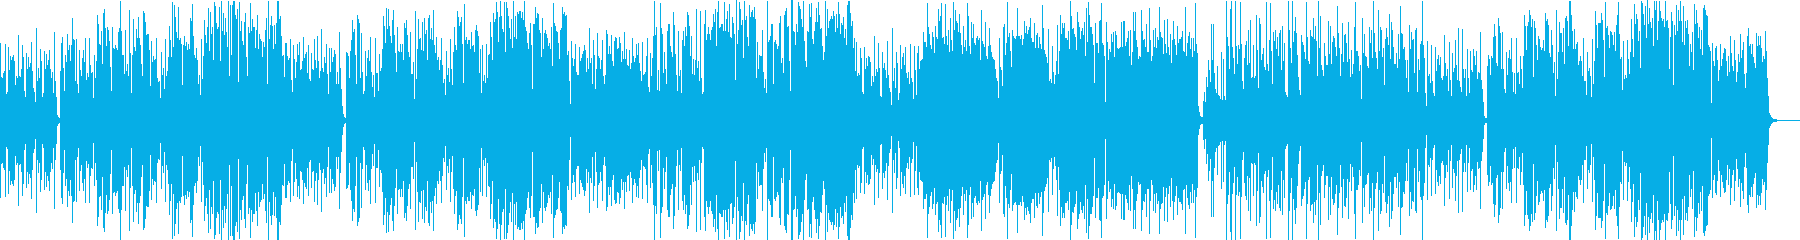 ラッパが渋いジャズファンク(イントロ付の再生済みの波形